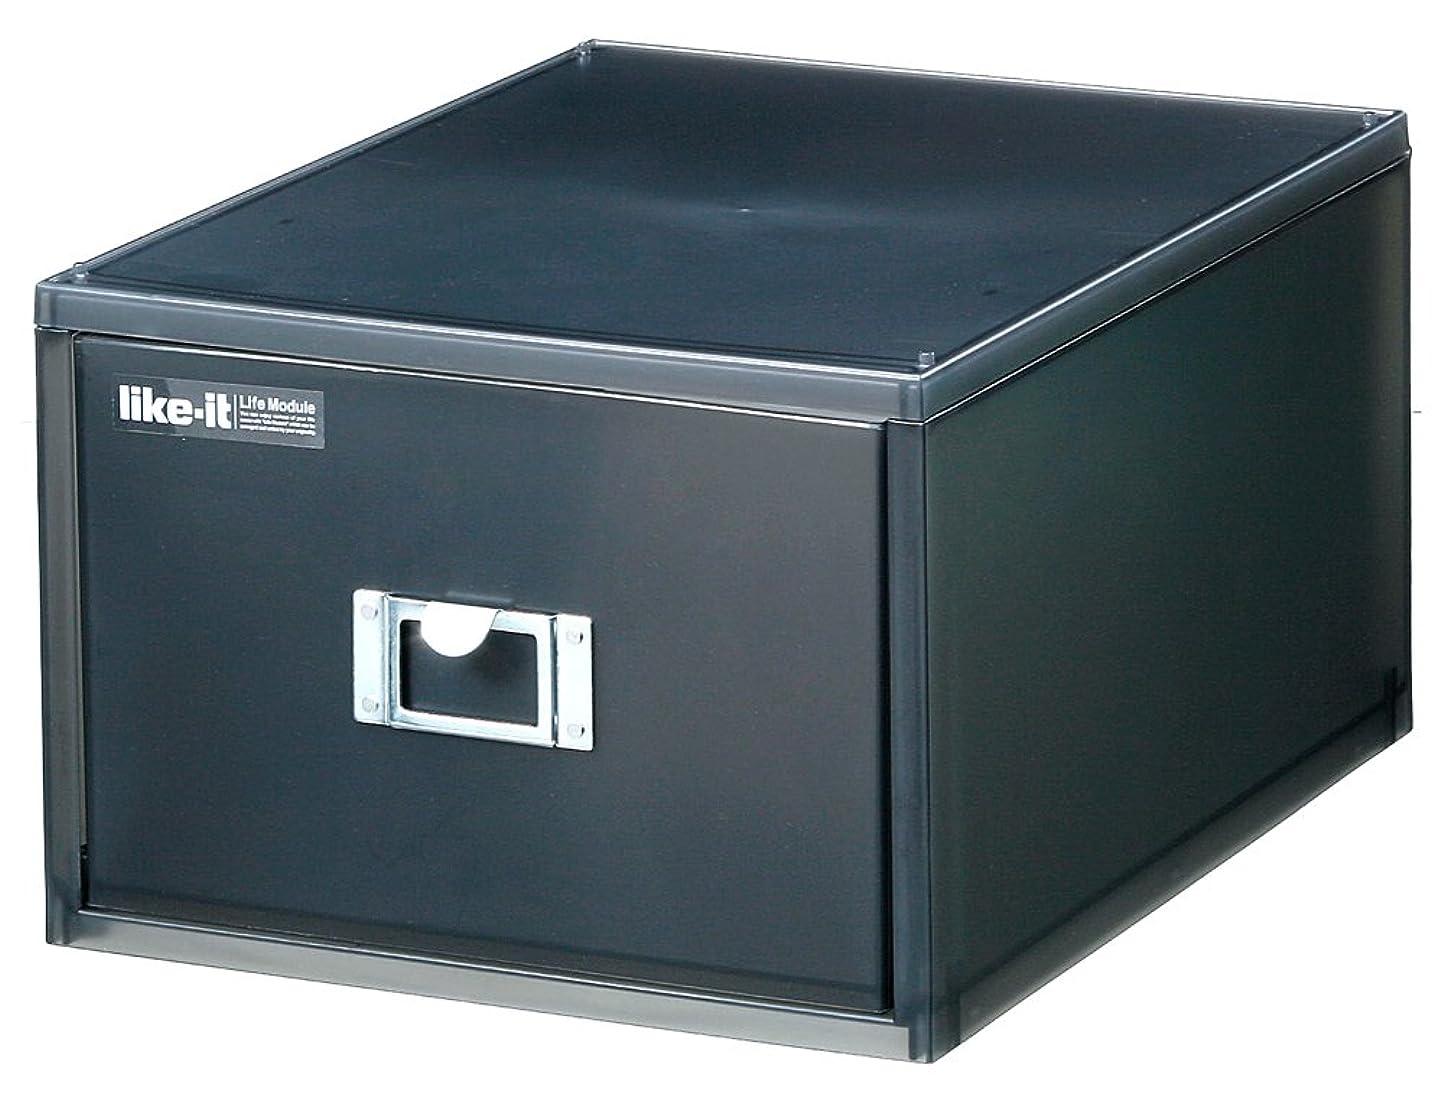 最も早い尽きる床like-it 小物収納 DVD A4 書類ケース 深型 1段 ブラック 幅26x奥35x高18.2cm LM-40